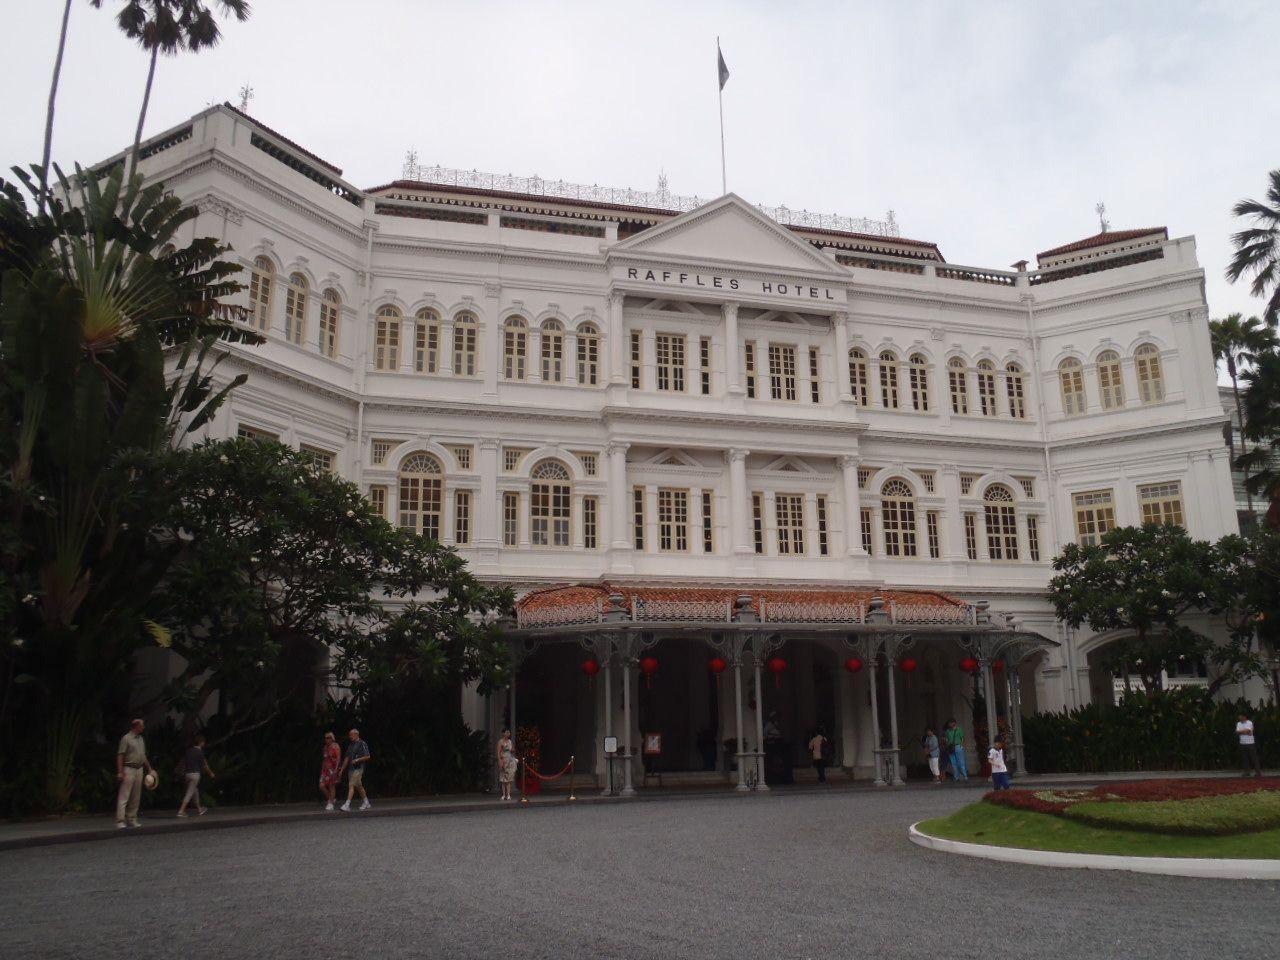 3日目:ラッフルズホテル&シンガポール動物園・ナイトサファリ